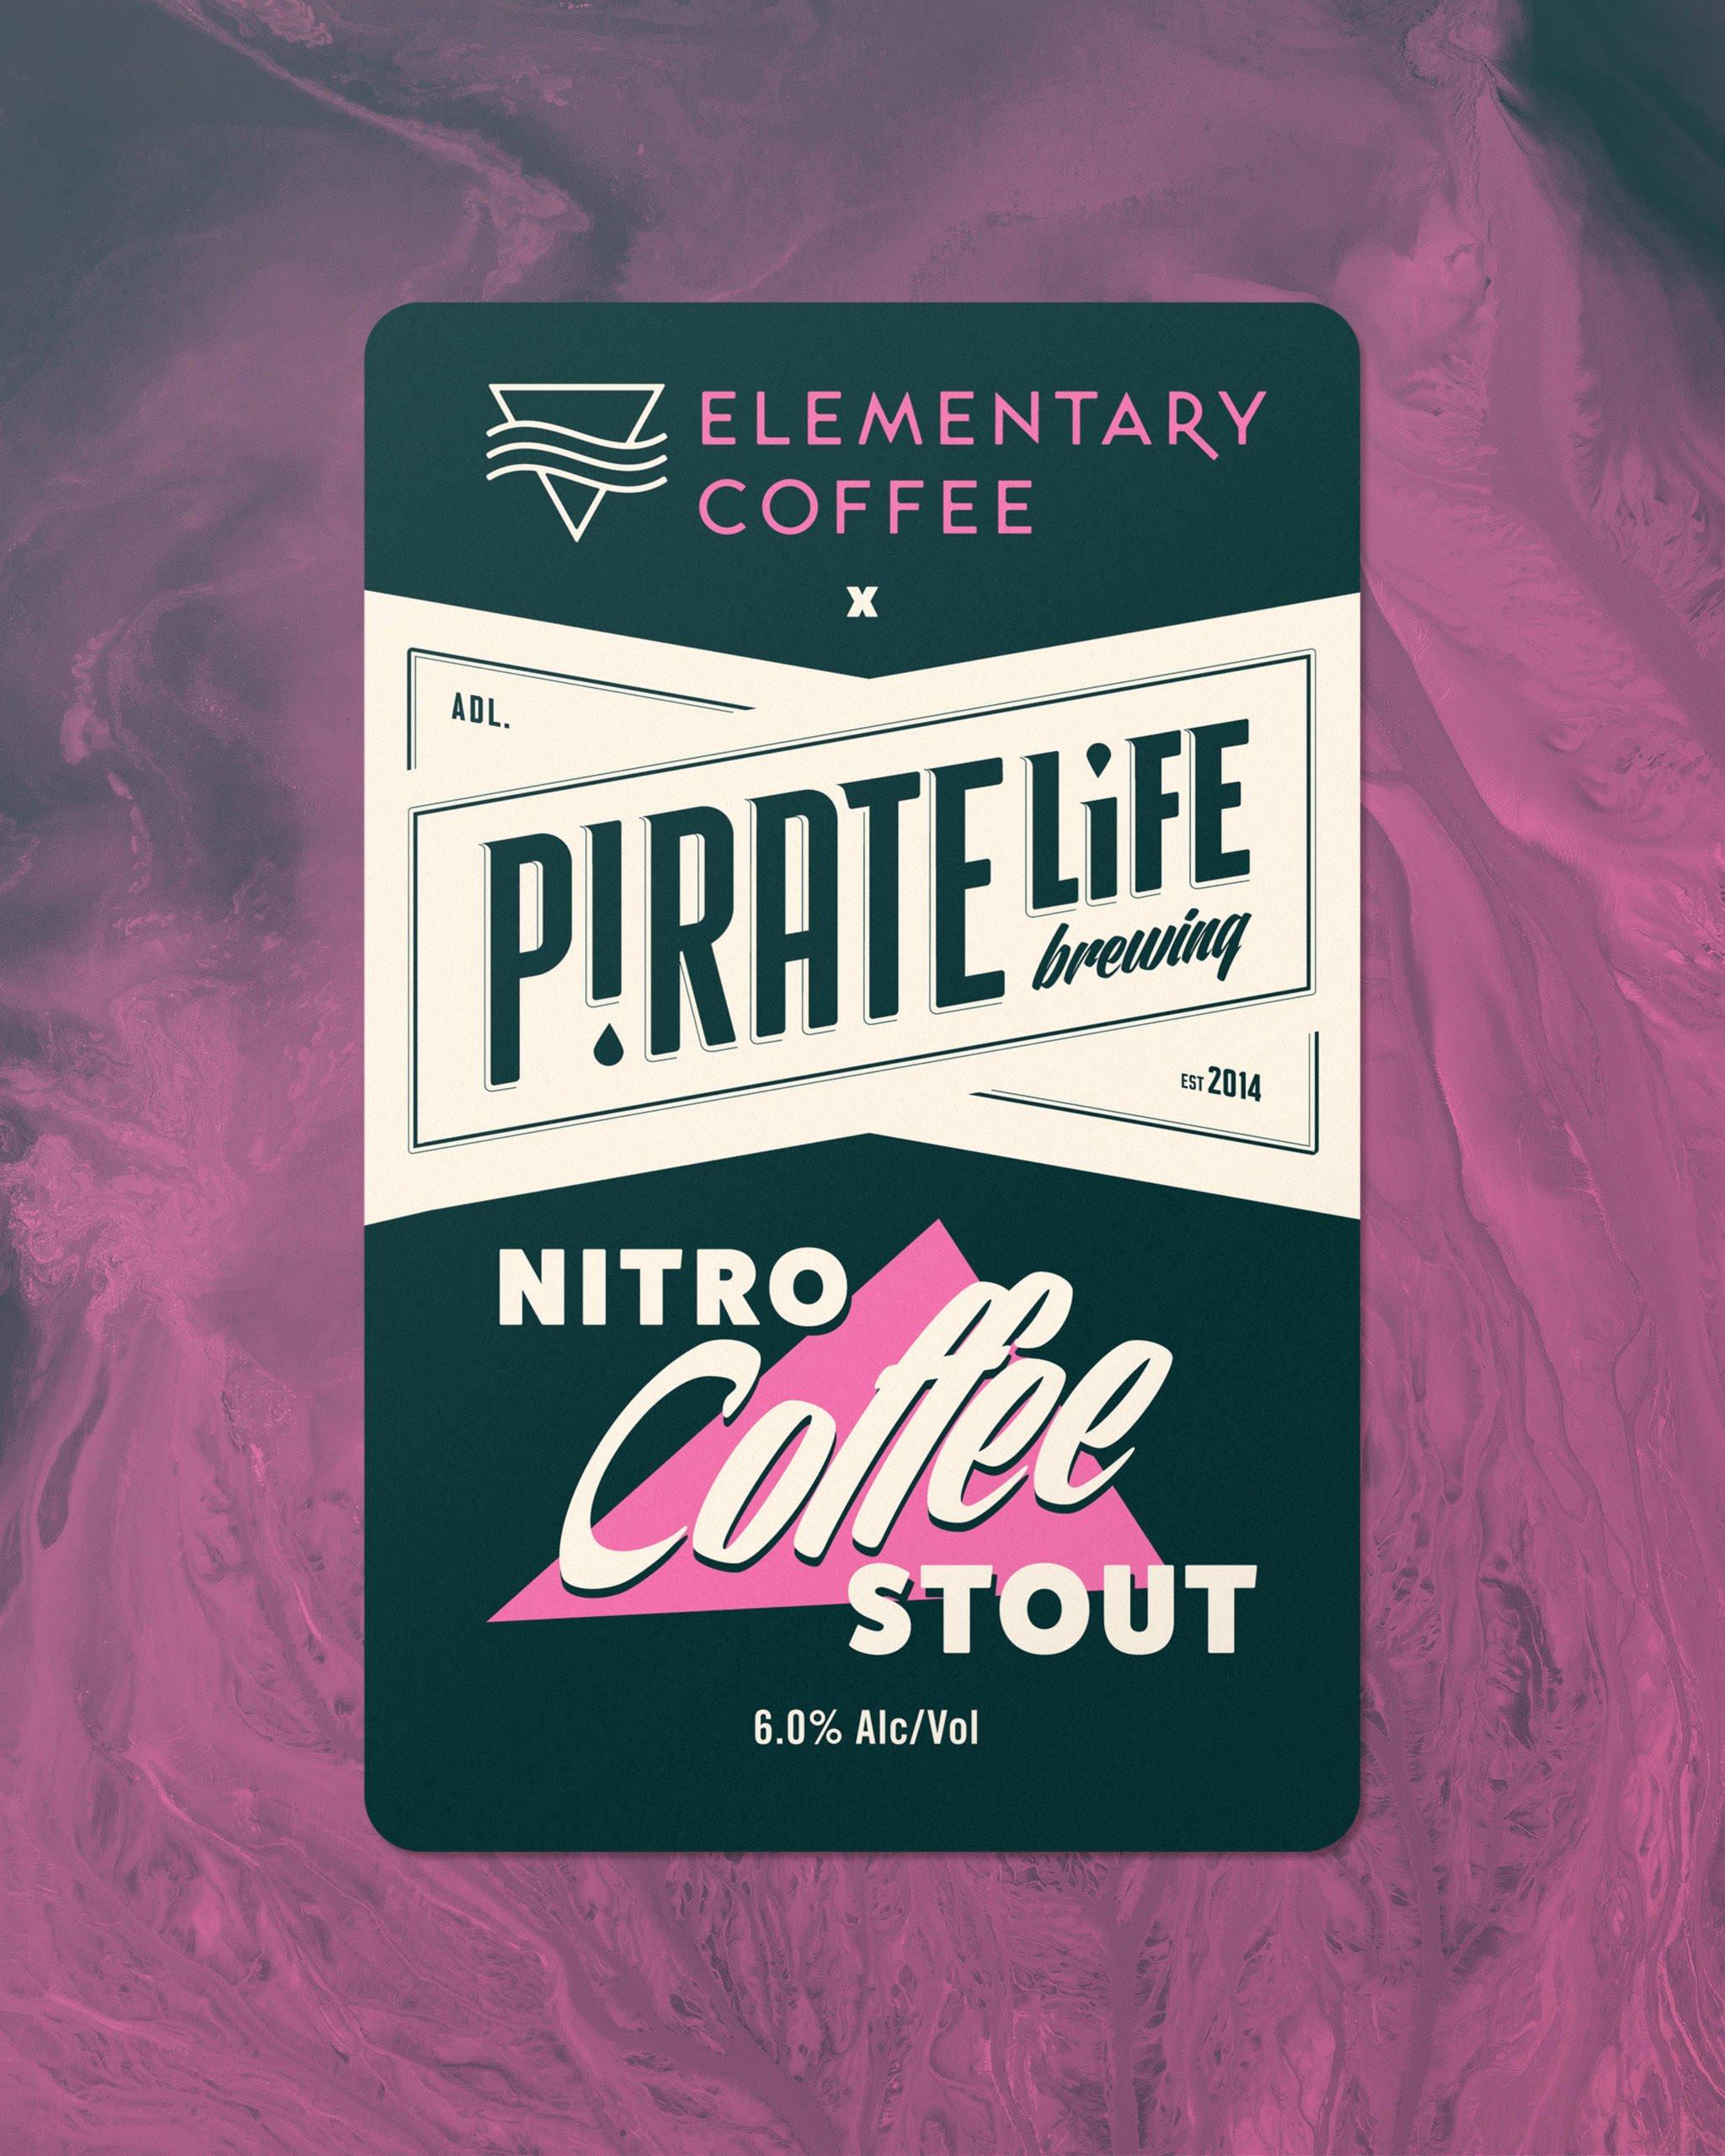 NITRO COFFEE STOUT – ELEMENTARY